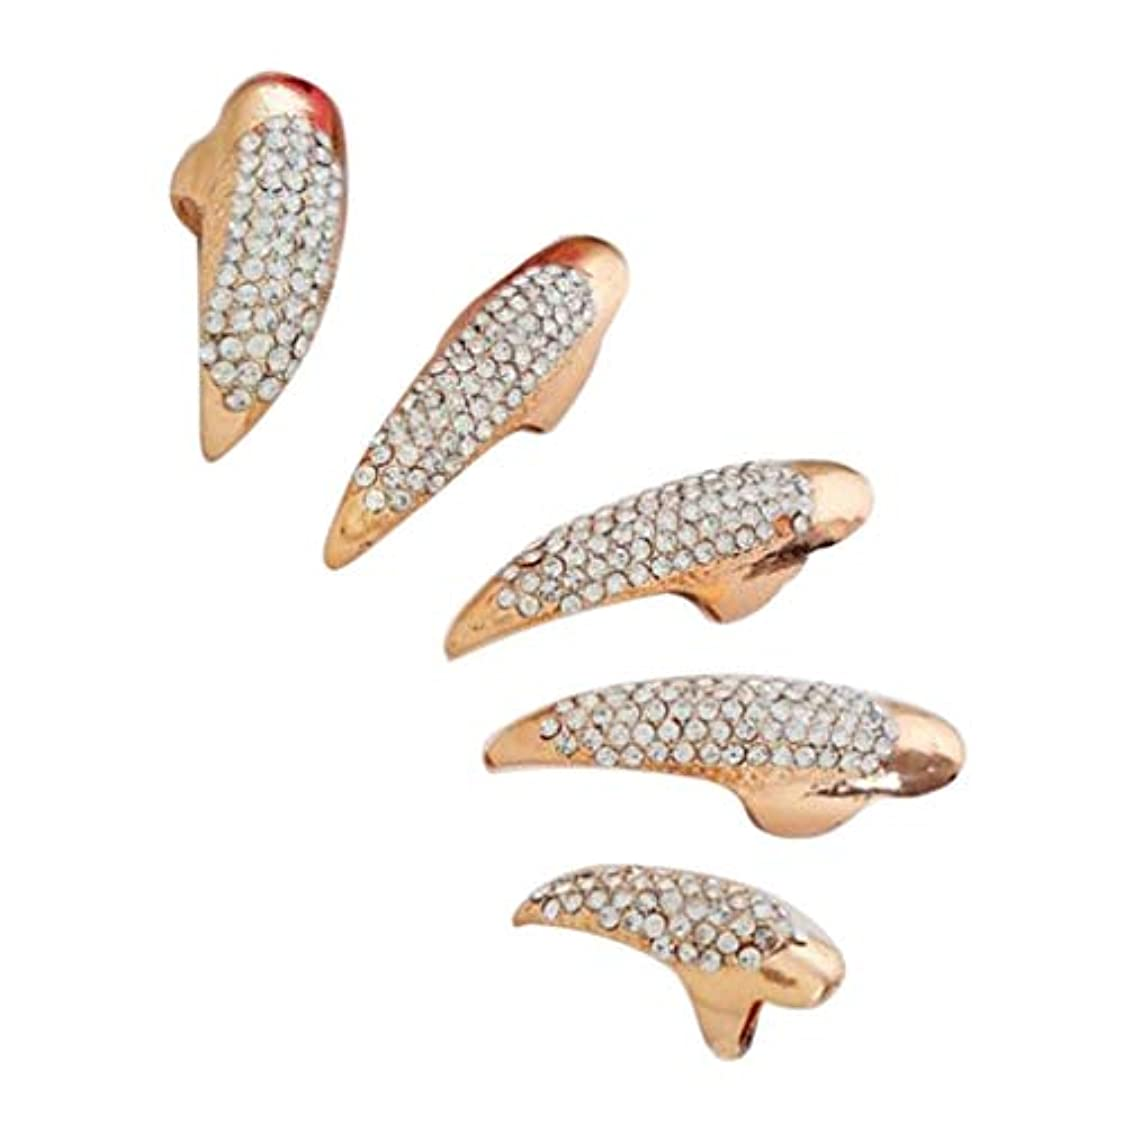 復讐バングラデシュタイピストP Prettyia ネイルリング 爪リング ネイルチップ 指先 爪の指輪 パーティー 仮装 5本セット 2色選べ - ゴールデン